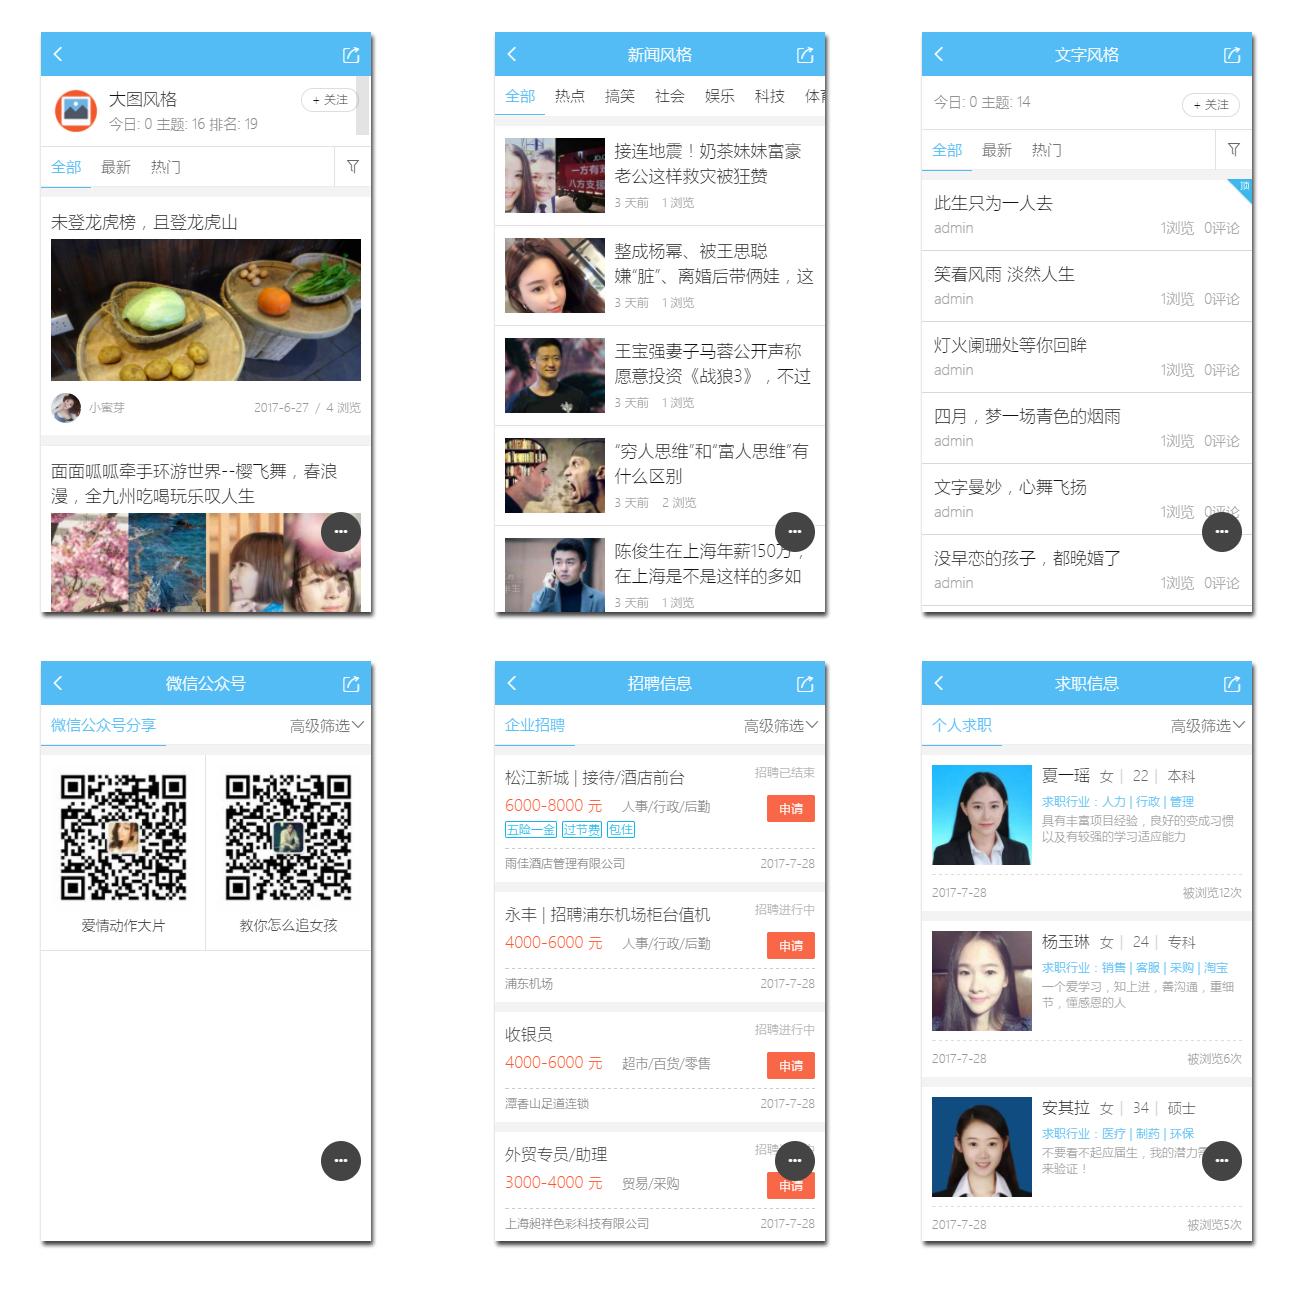 [AIUI]手机版 4.2.0 高级版完整 修复版50 摄趣网作者:喜缘数码 帖子ID:18319